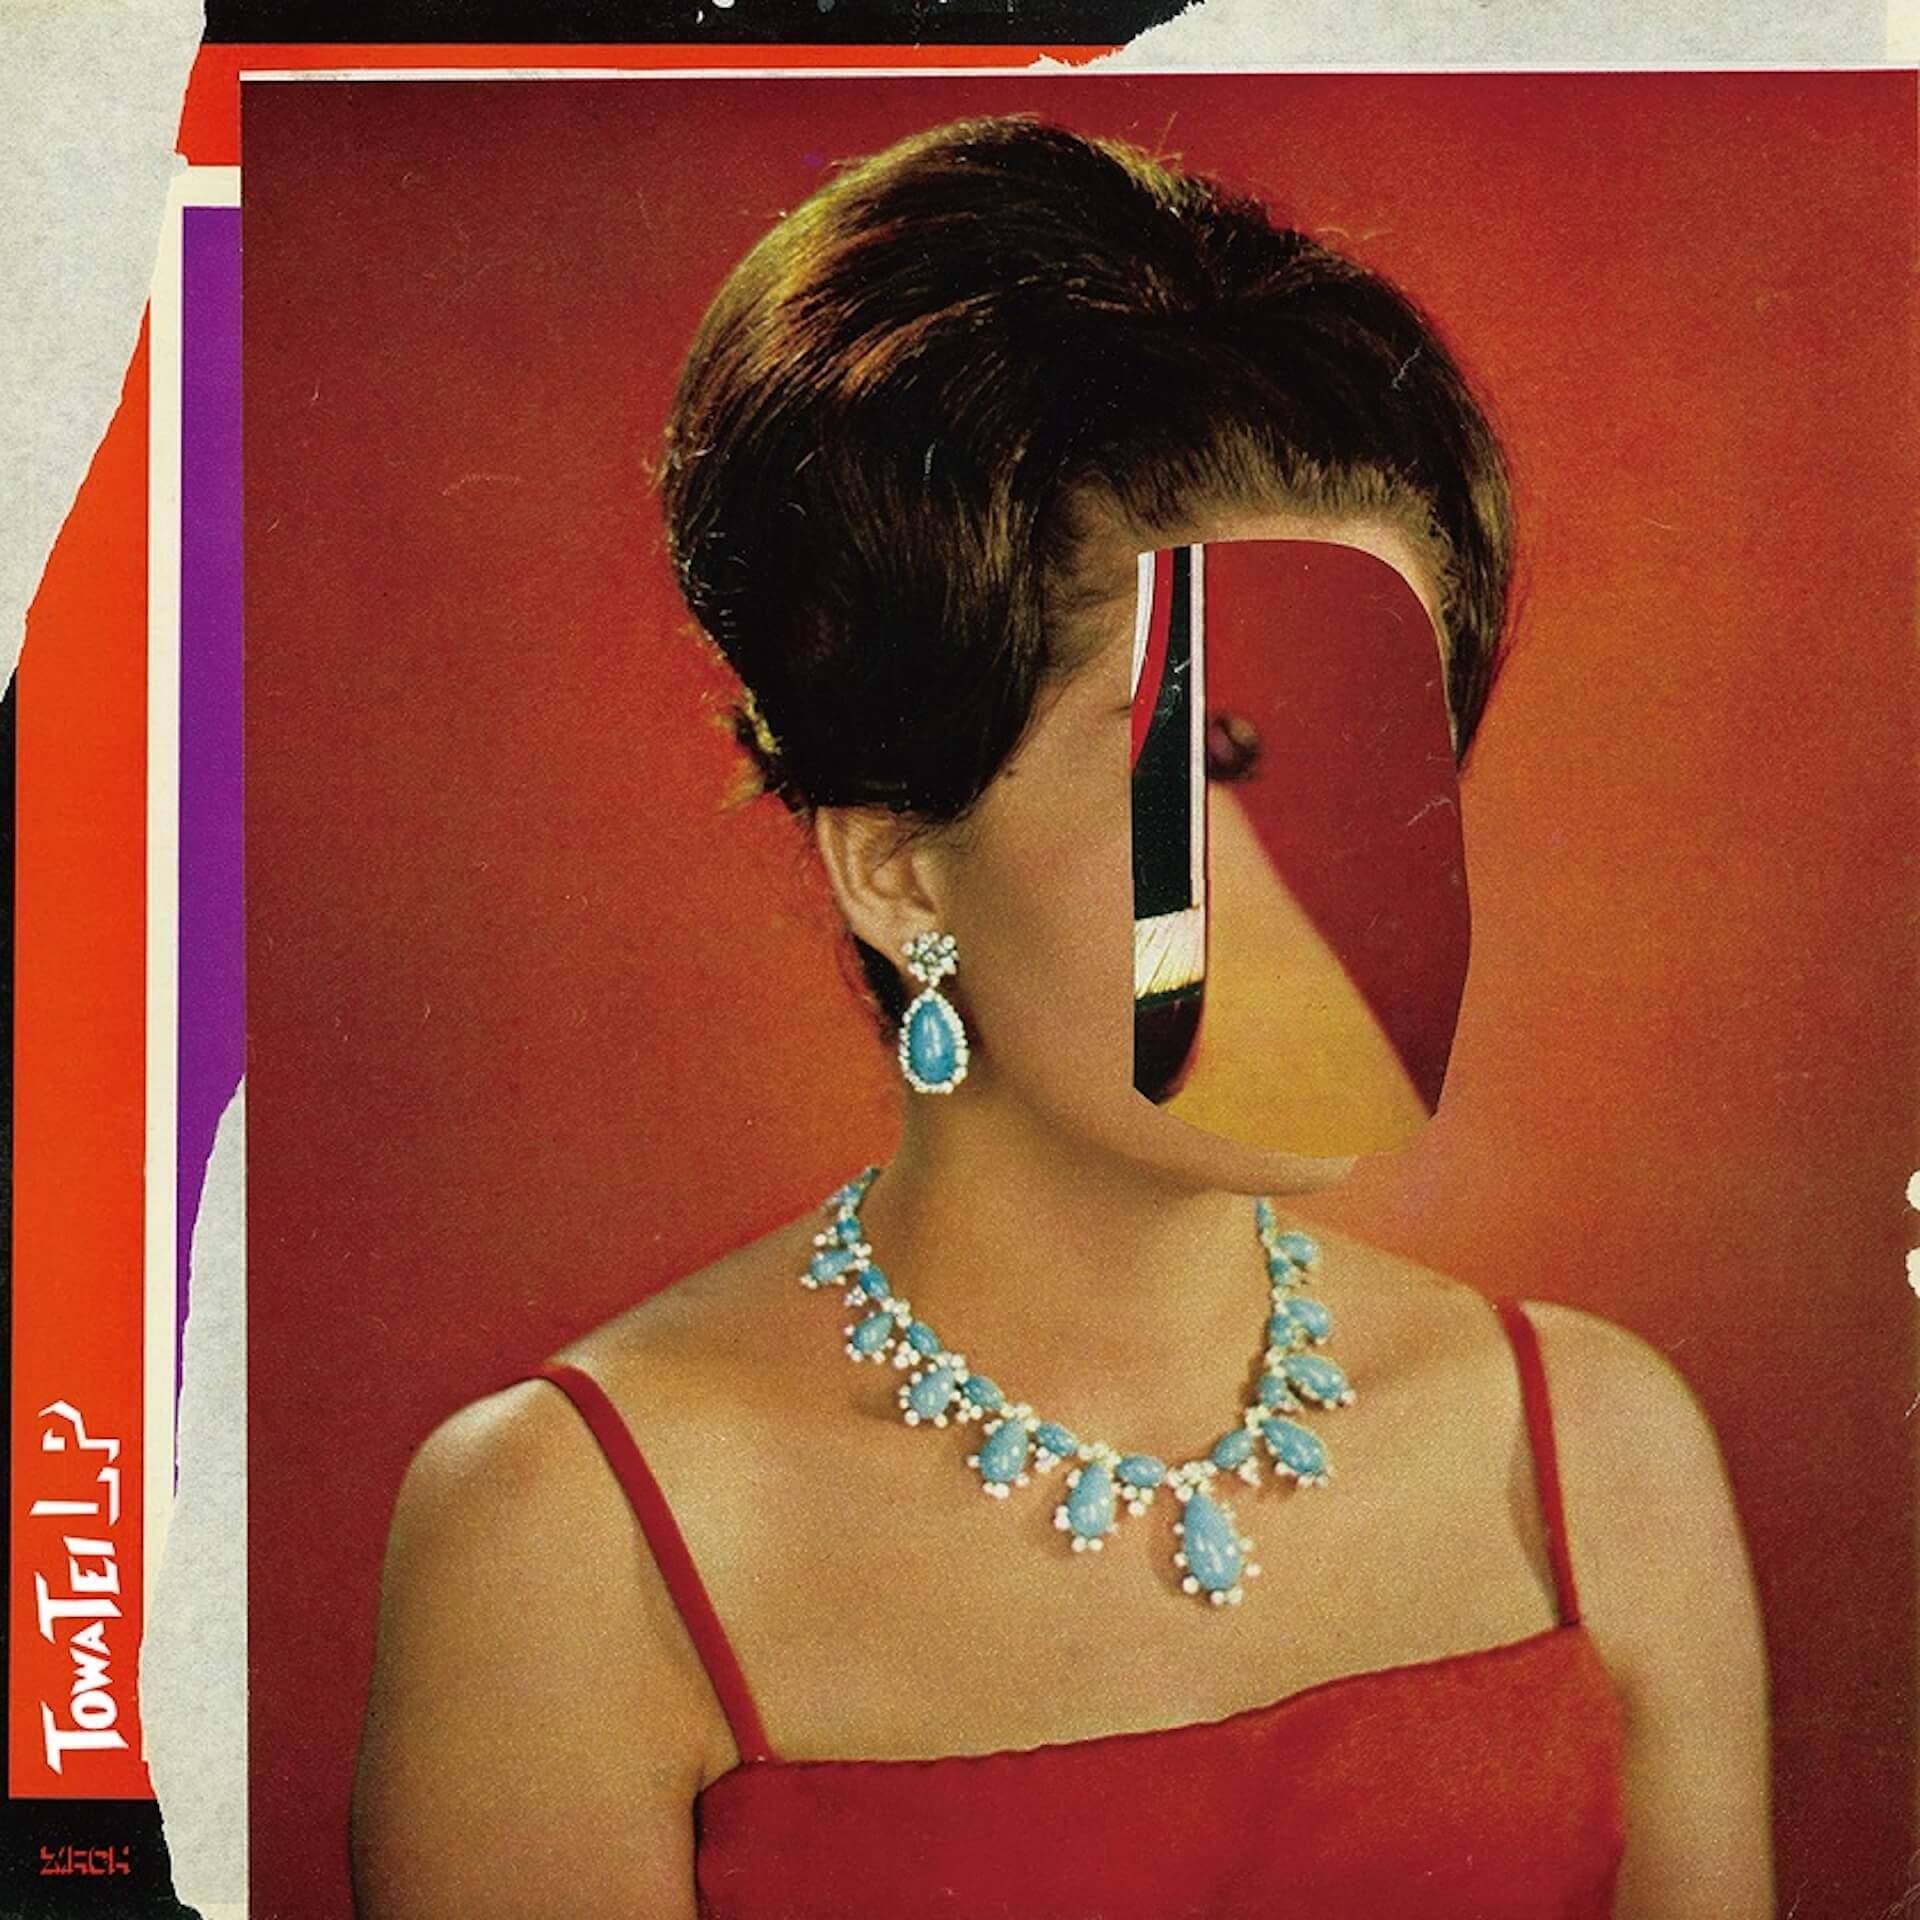 デビュー30周年を迎えたTOWA TEIのニューアルバム『LP』が発売決定!細野晴臣、高橋幸宏、砂原良徳ら多数ゲスト参加 music210115_towatei_2